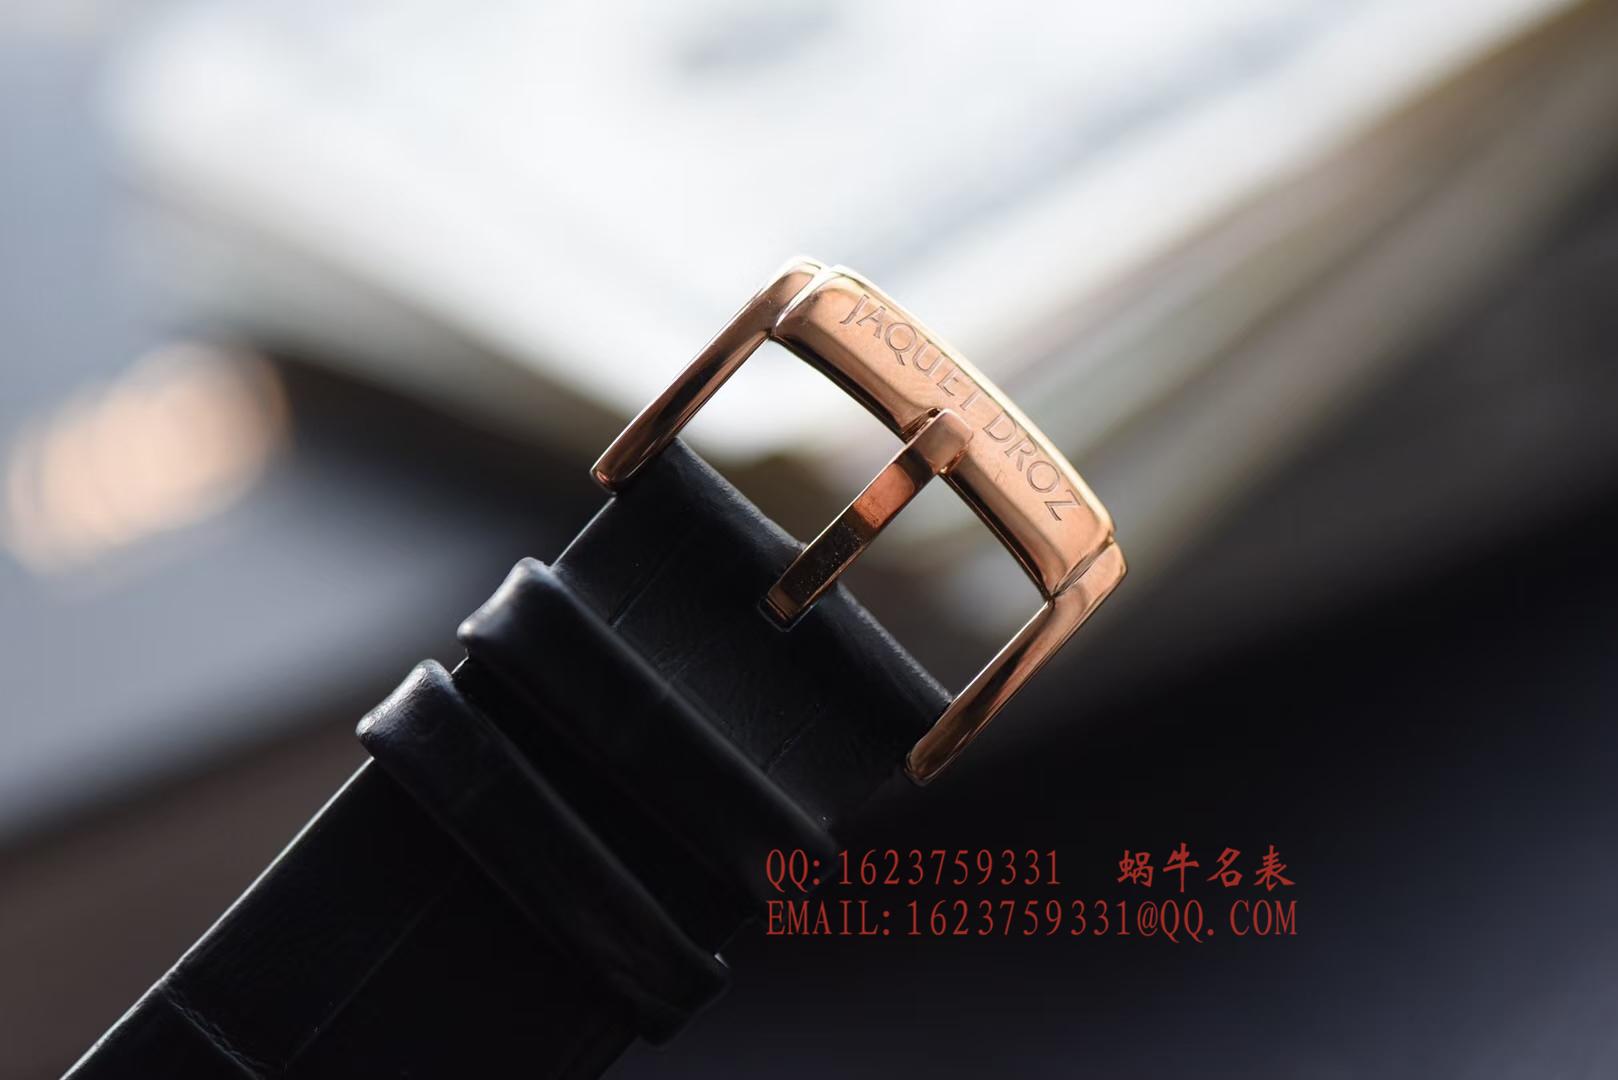 雅克德罗灵犬时分小针盘致庆中国农历新年 / YK018